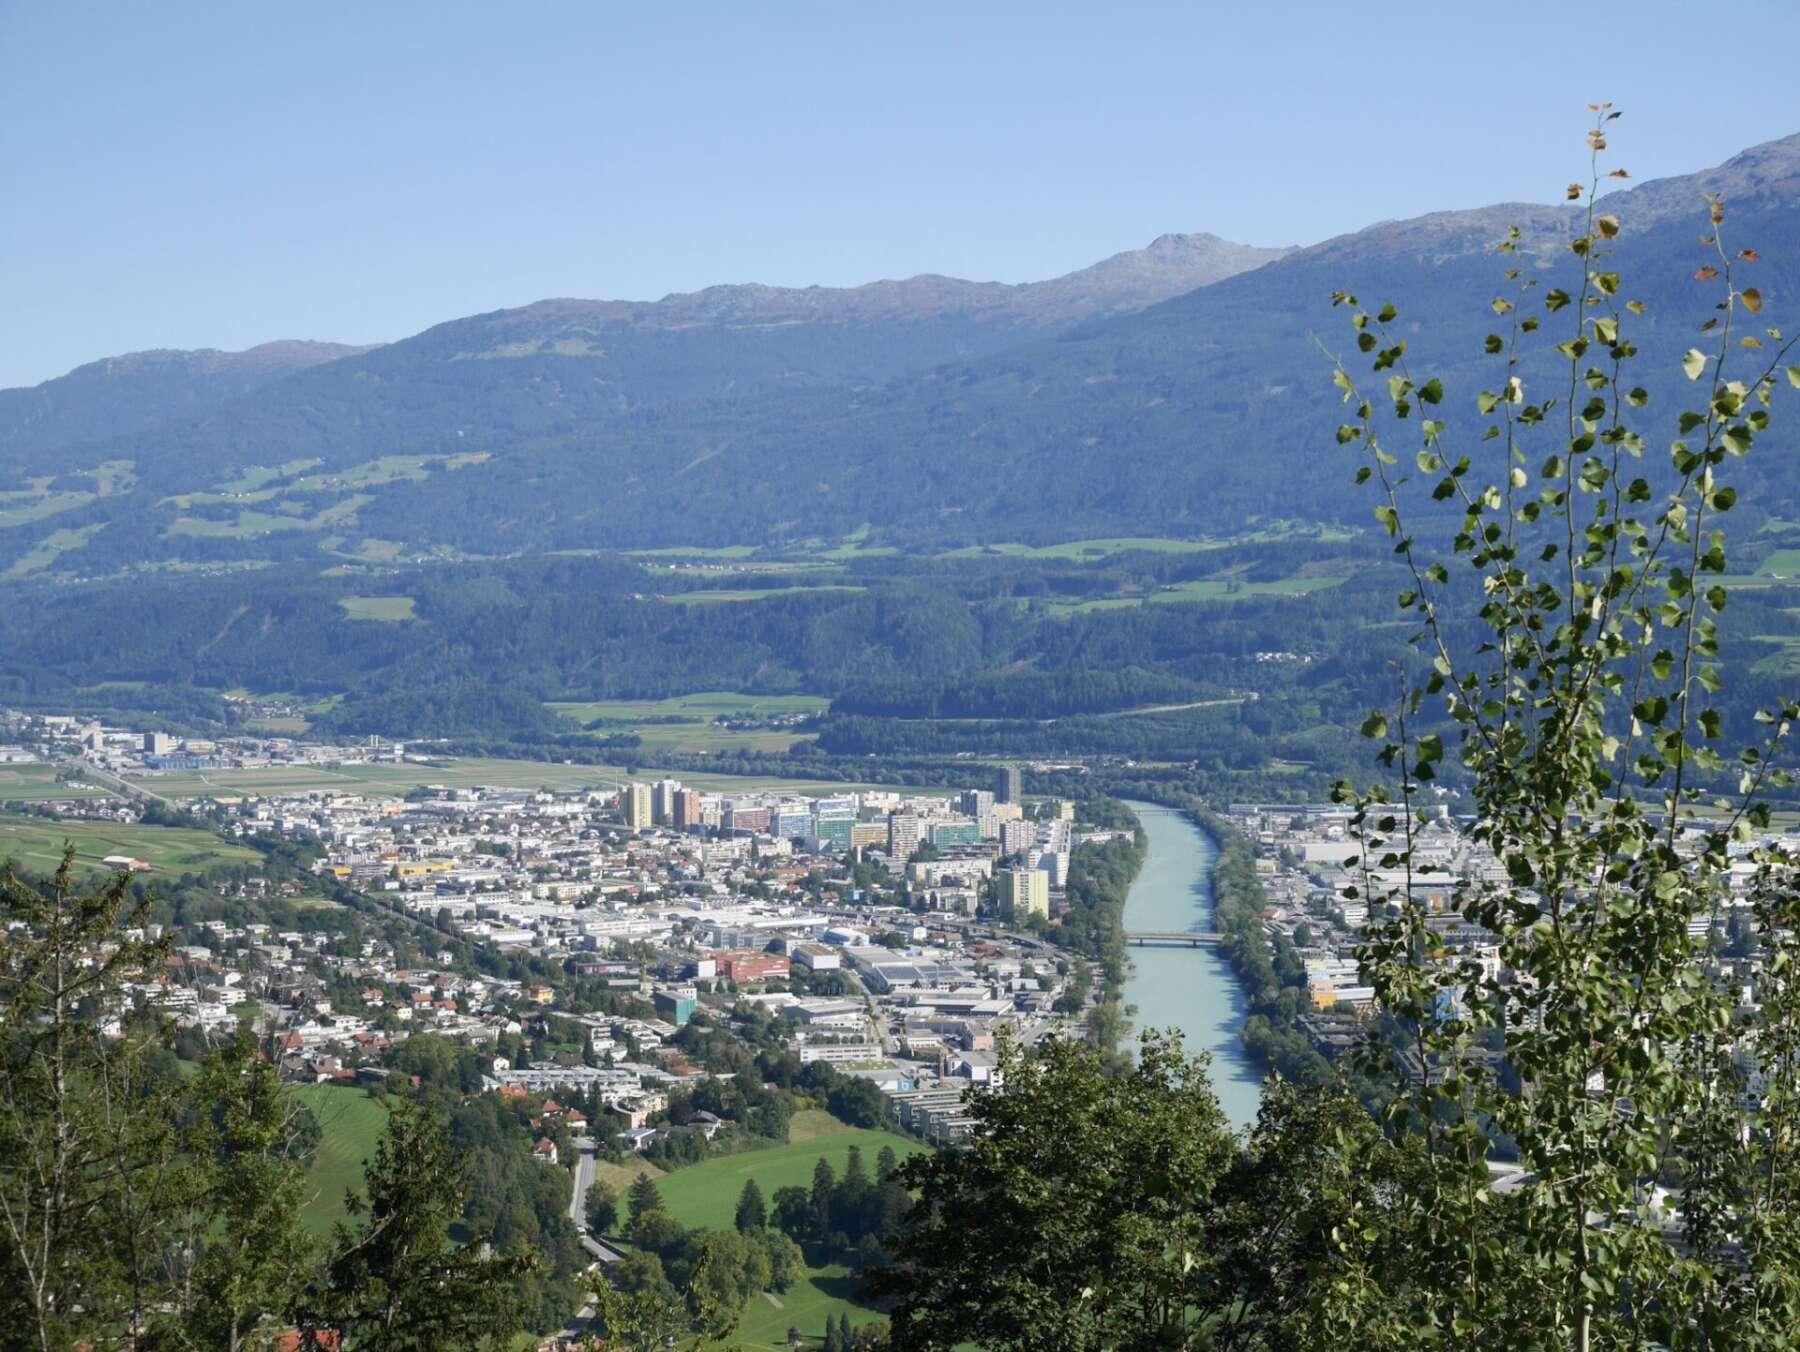 วิวของเมืองอินส์บรุค (Innsbruck)